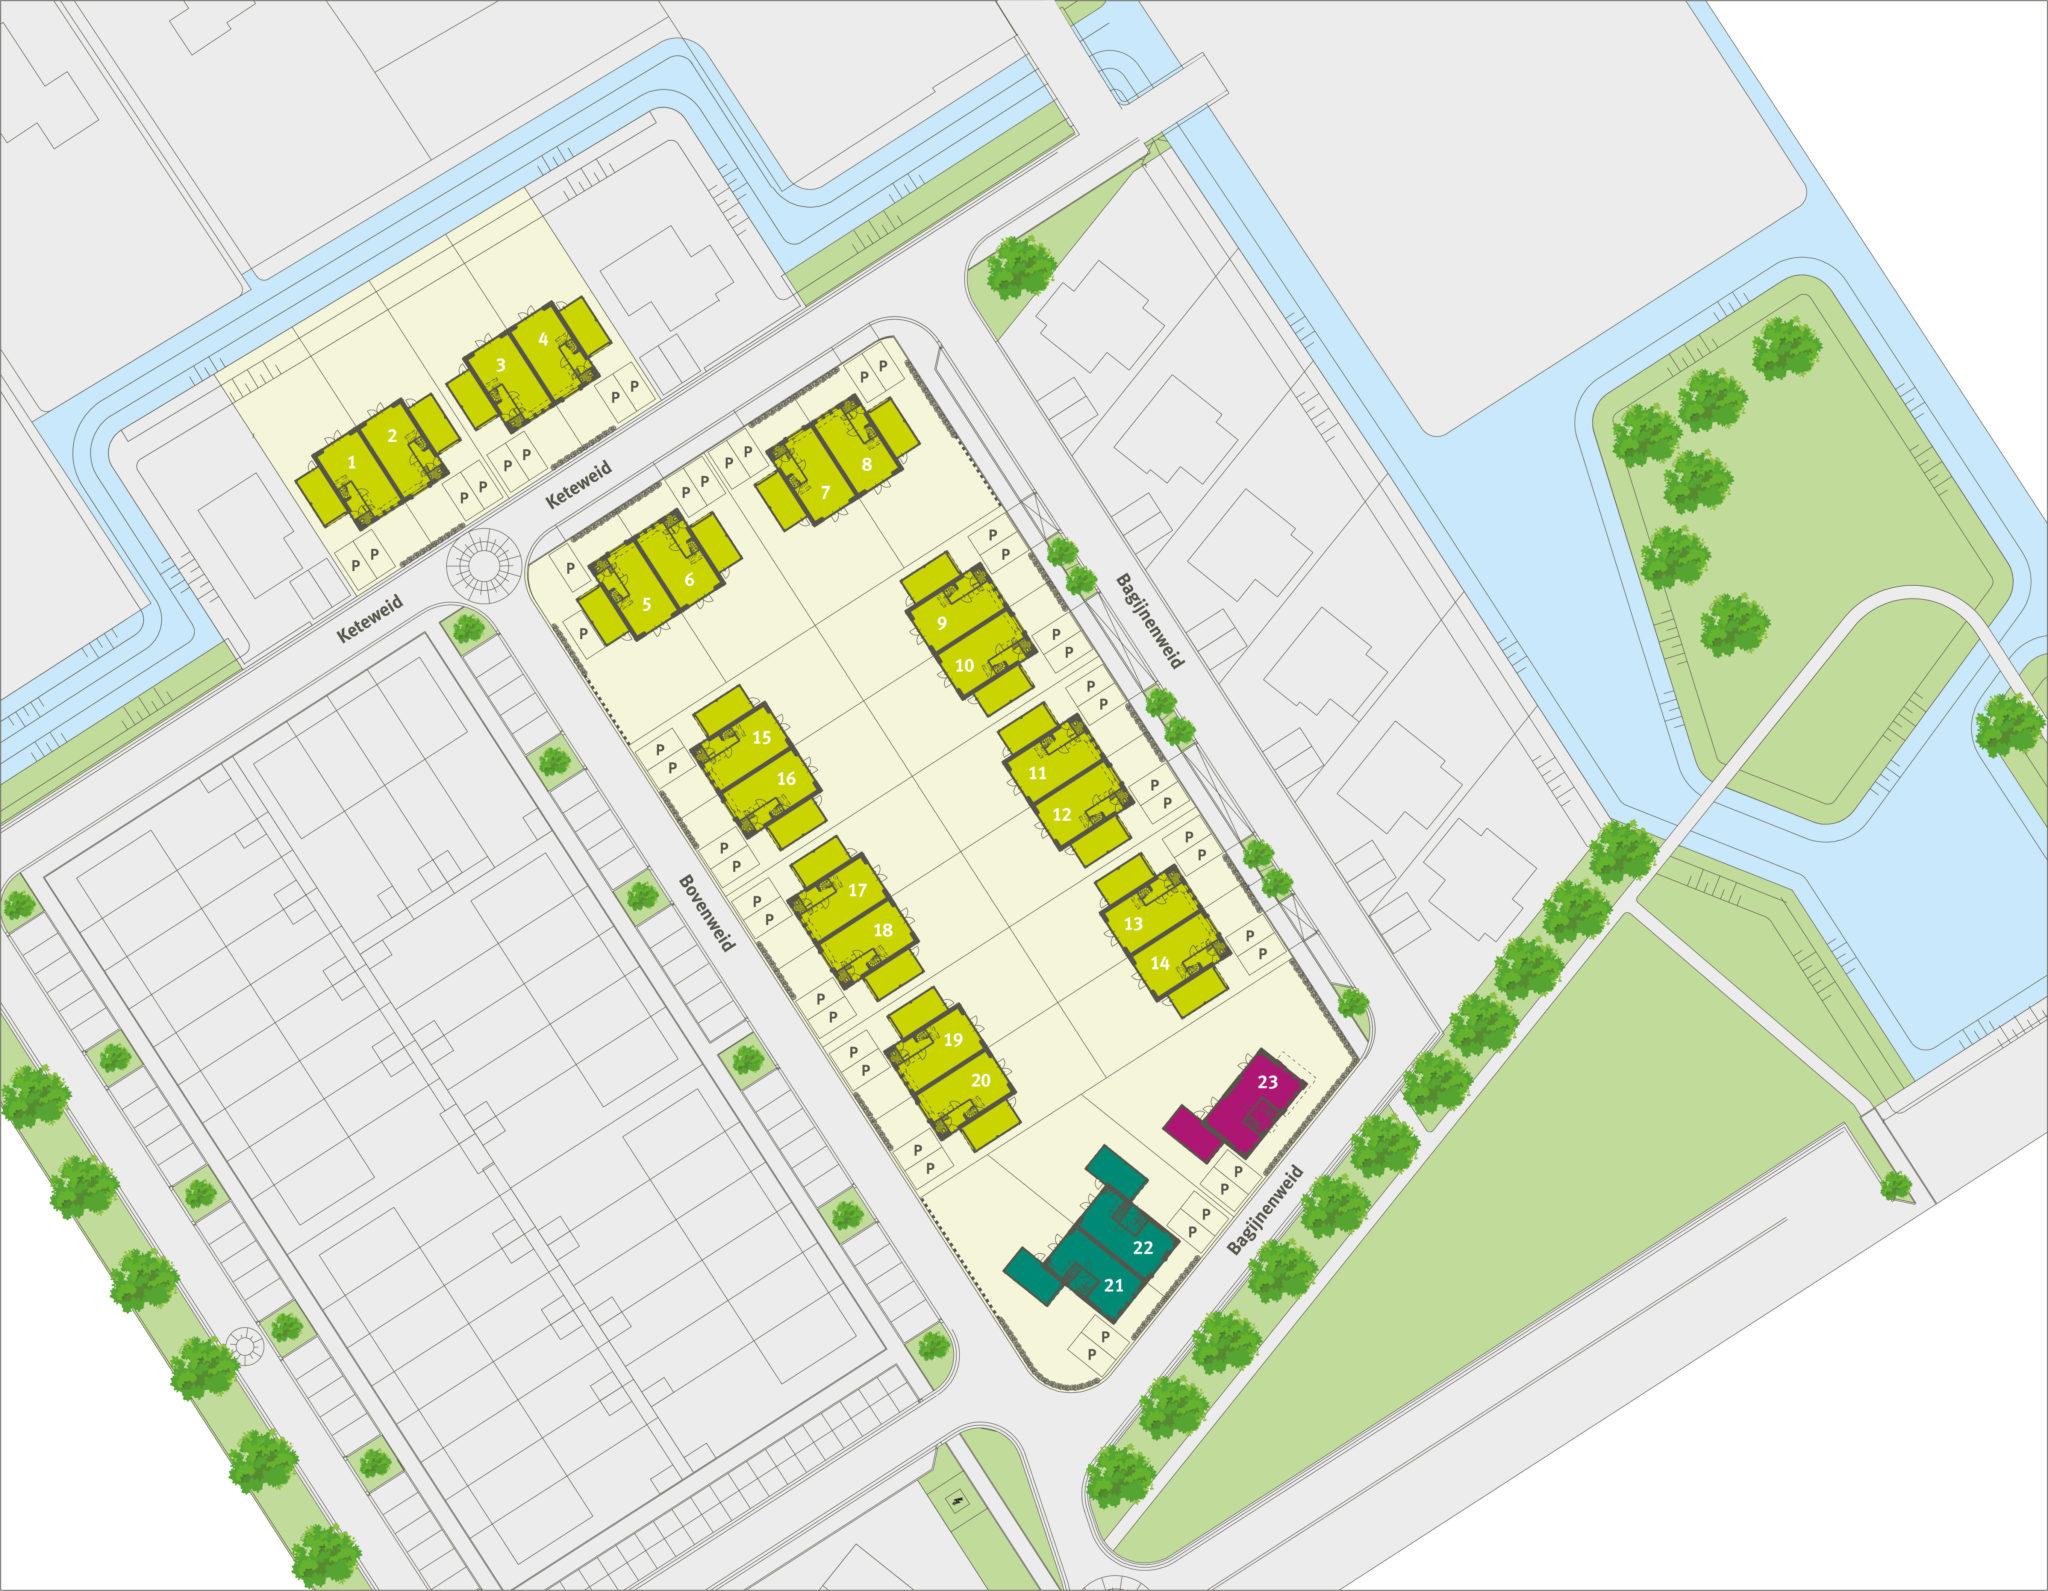 Ooms - Situatietekening MooiLand - Bangert & Oosterpolder